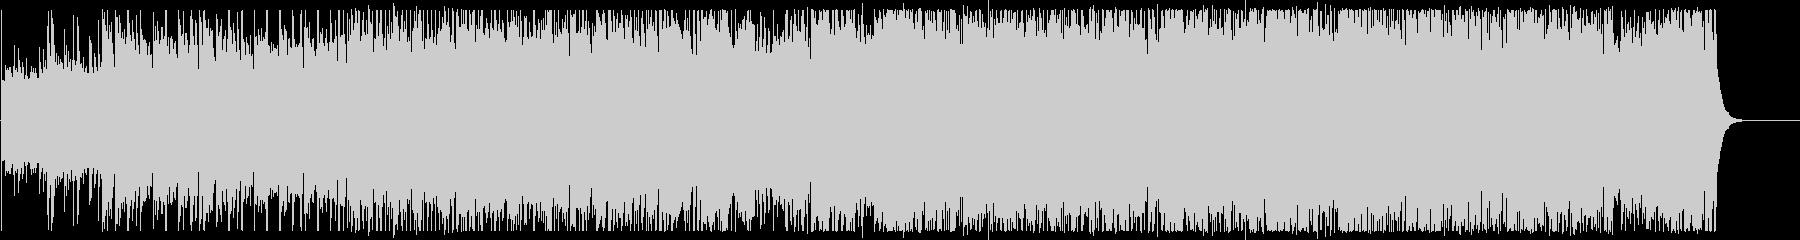 ノスタルジック サーカス アコーディオンの未再生の波形